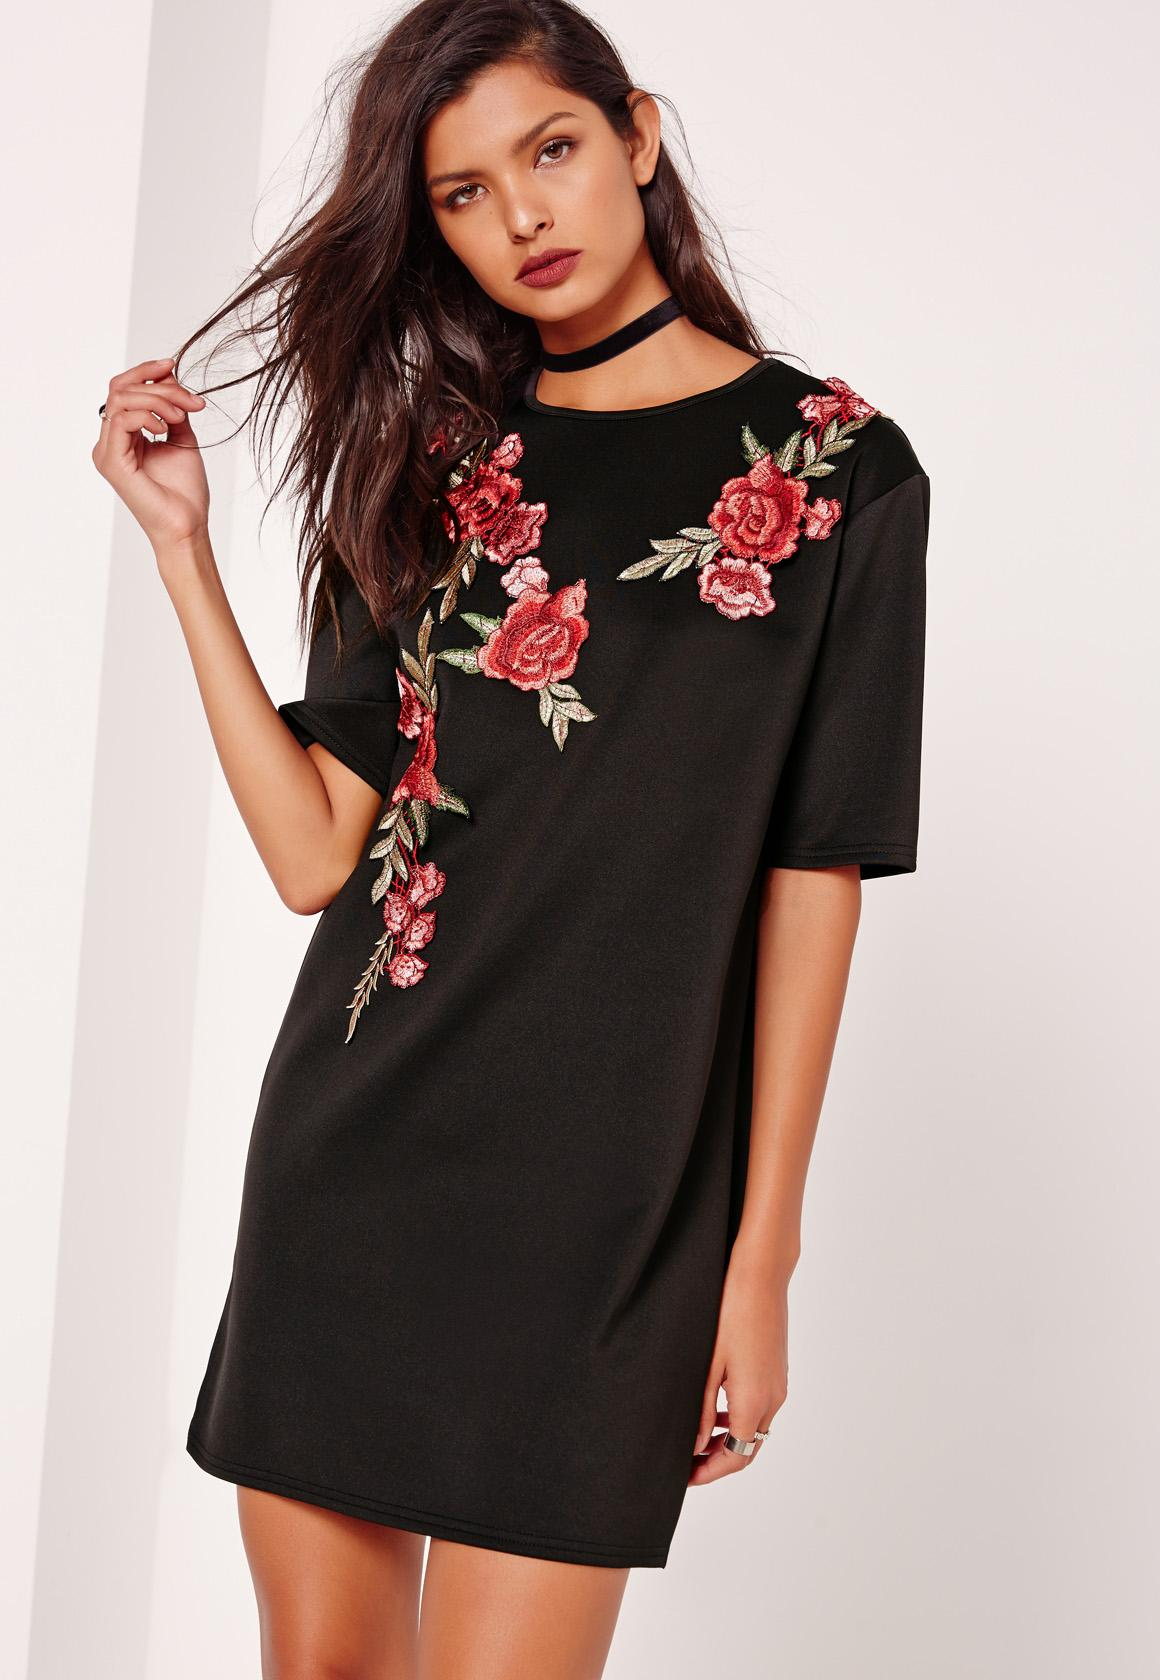 Floral Applique Trim Scuba T Shirt Dress Black